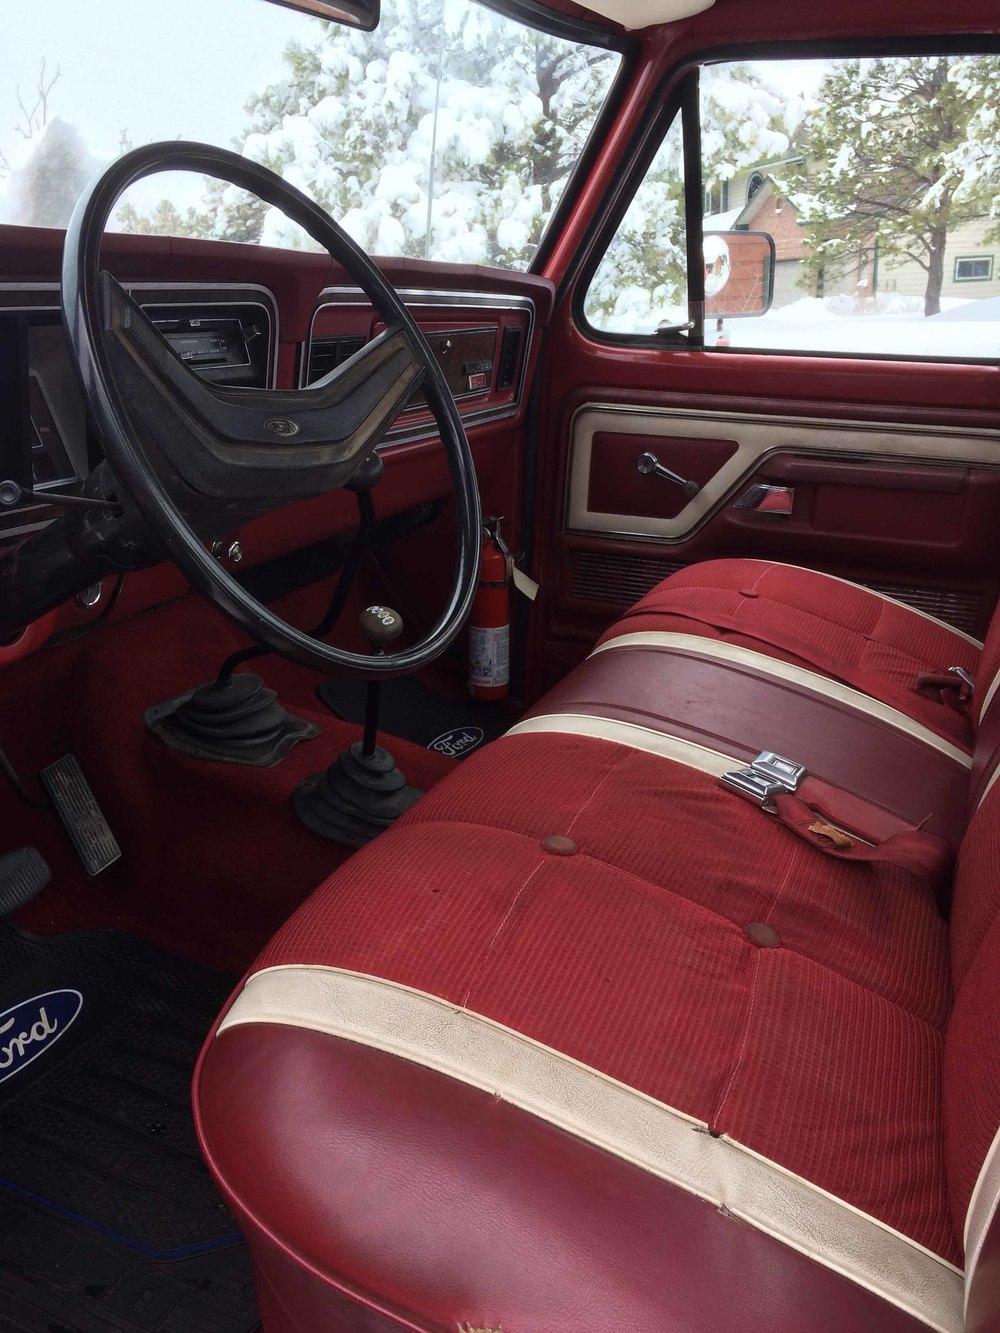 1974 Ford F250 interior.jpg